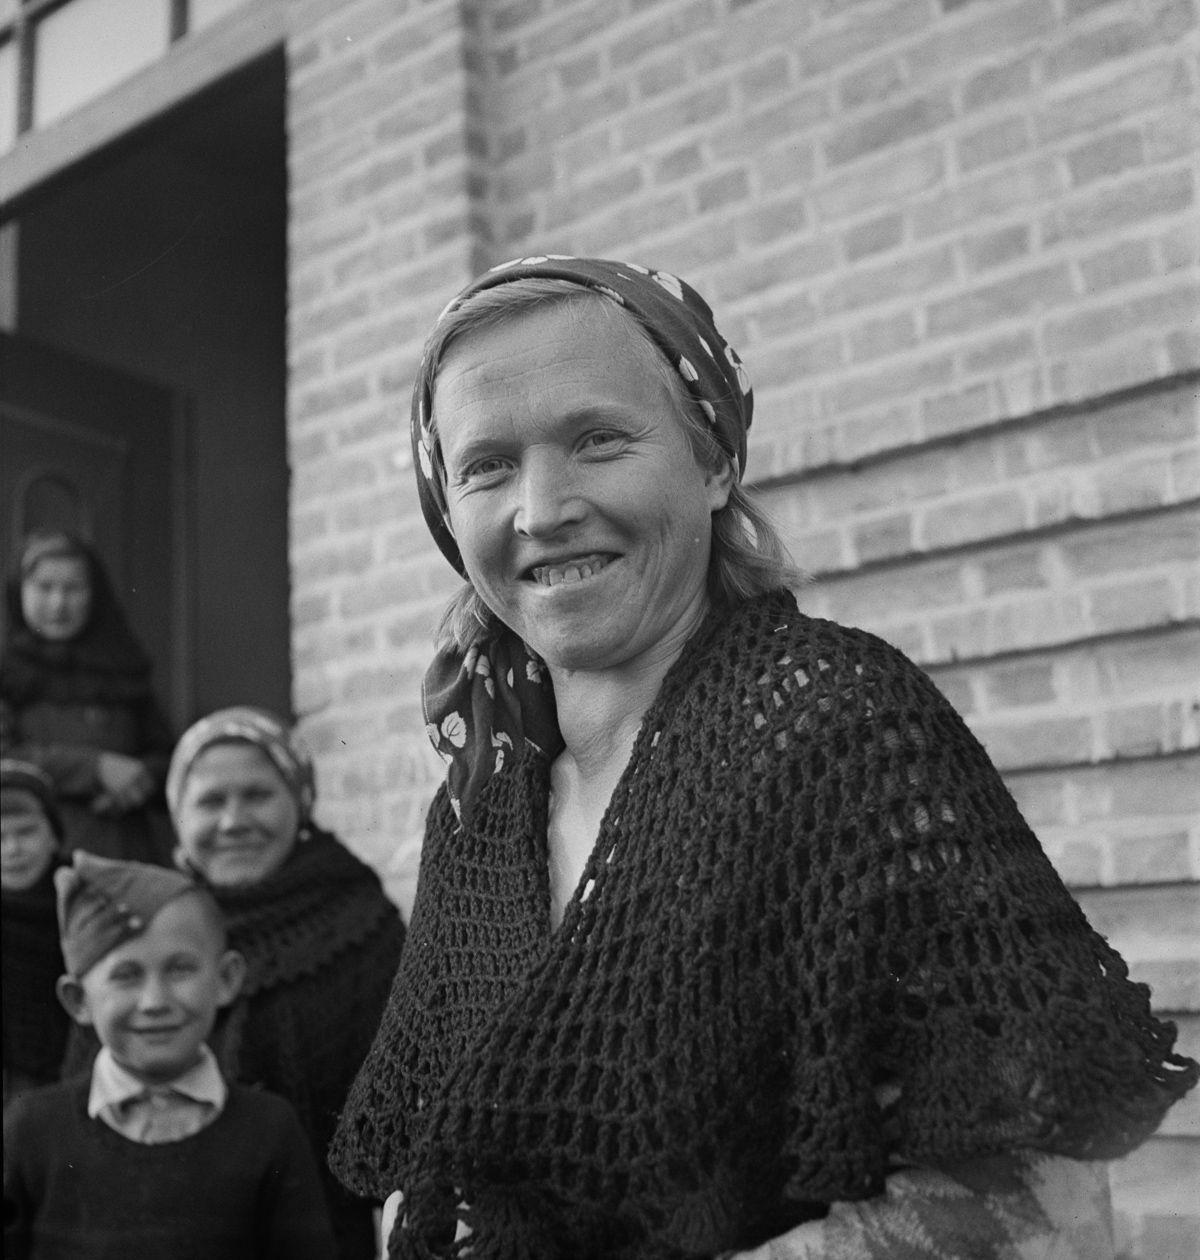 Na Segunda Guerra Mundial, refugiados poloneses encontraram seguran�a no Ir� 11